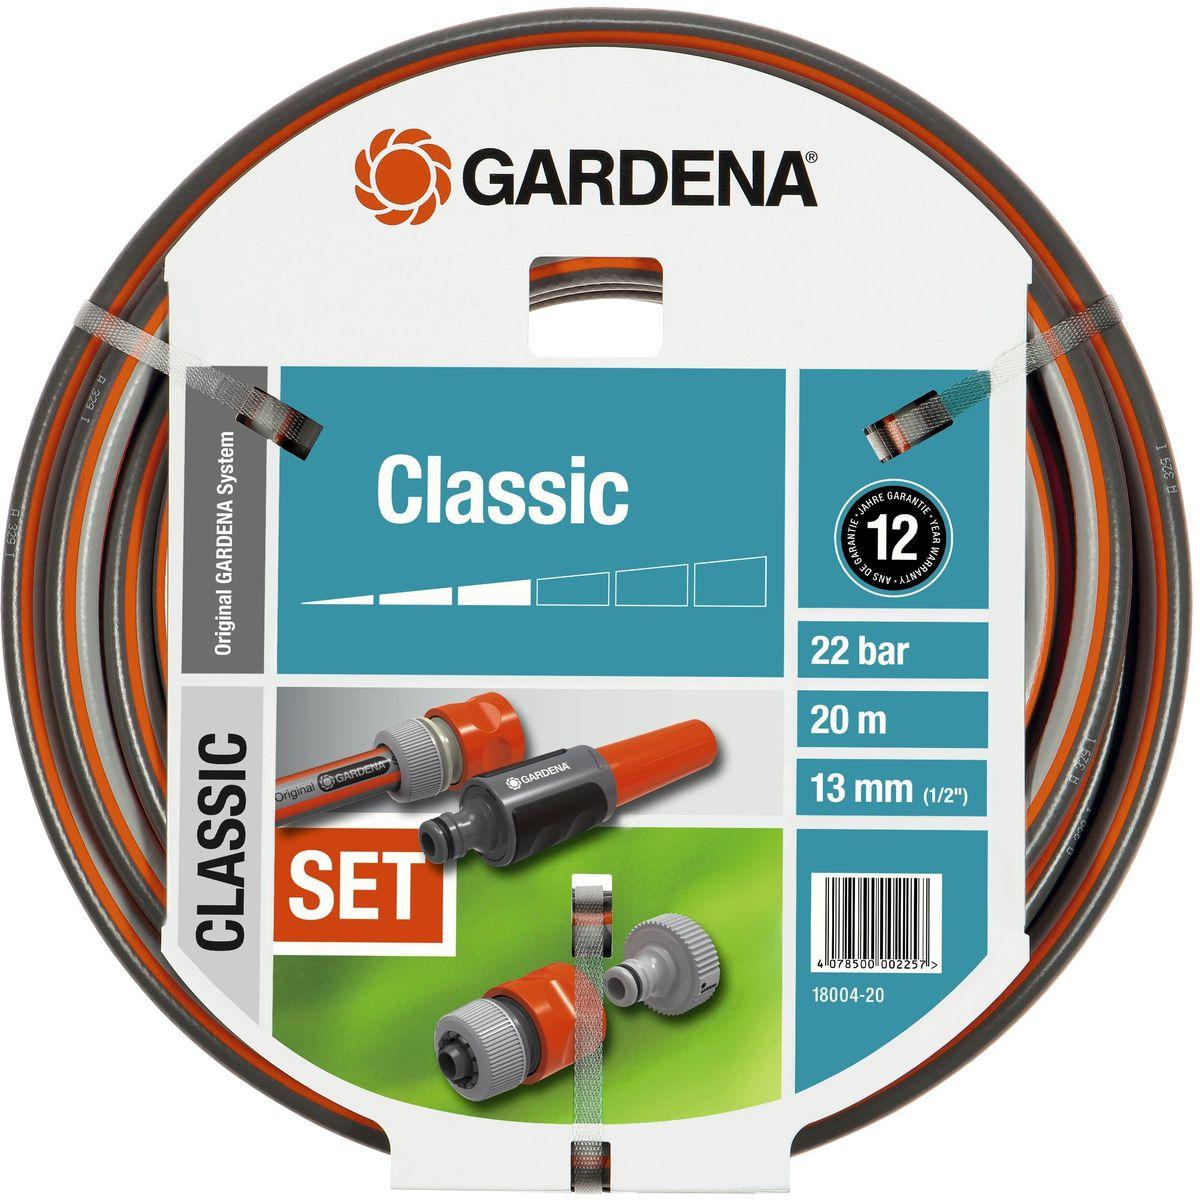 Шланг Gardena Classic, 1/2 х 20 м, комплект. 18004-20.000.0018004-20.000.00В комплект входит Шланг GARDENA Classic и необходимые фитинги. Шланг GARDENA Classic, прекрасно сохраняет свою форму благодаря высококачественному текстильному армированию, отсутствуют фталаты, тяжелые металлы и невосприимчив к УФ-излучению. Комплект набора: 1 х Штуцер резьбовой, 1 х Адаптер, 1 х Коннектор стандартный, 1 х Коннектор с автостопом и наконечник для полива. 1/2*20м